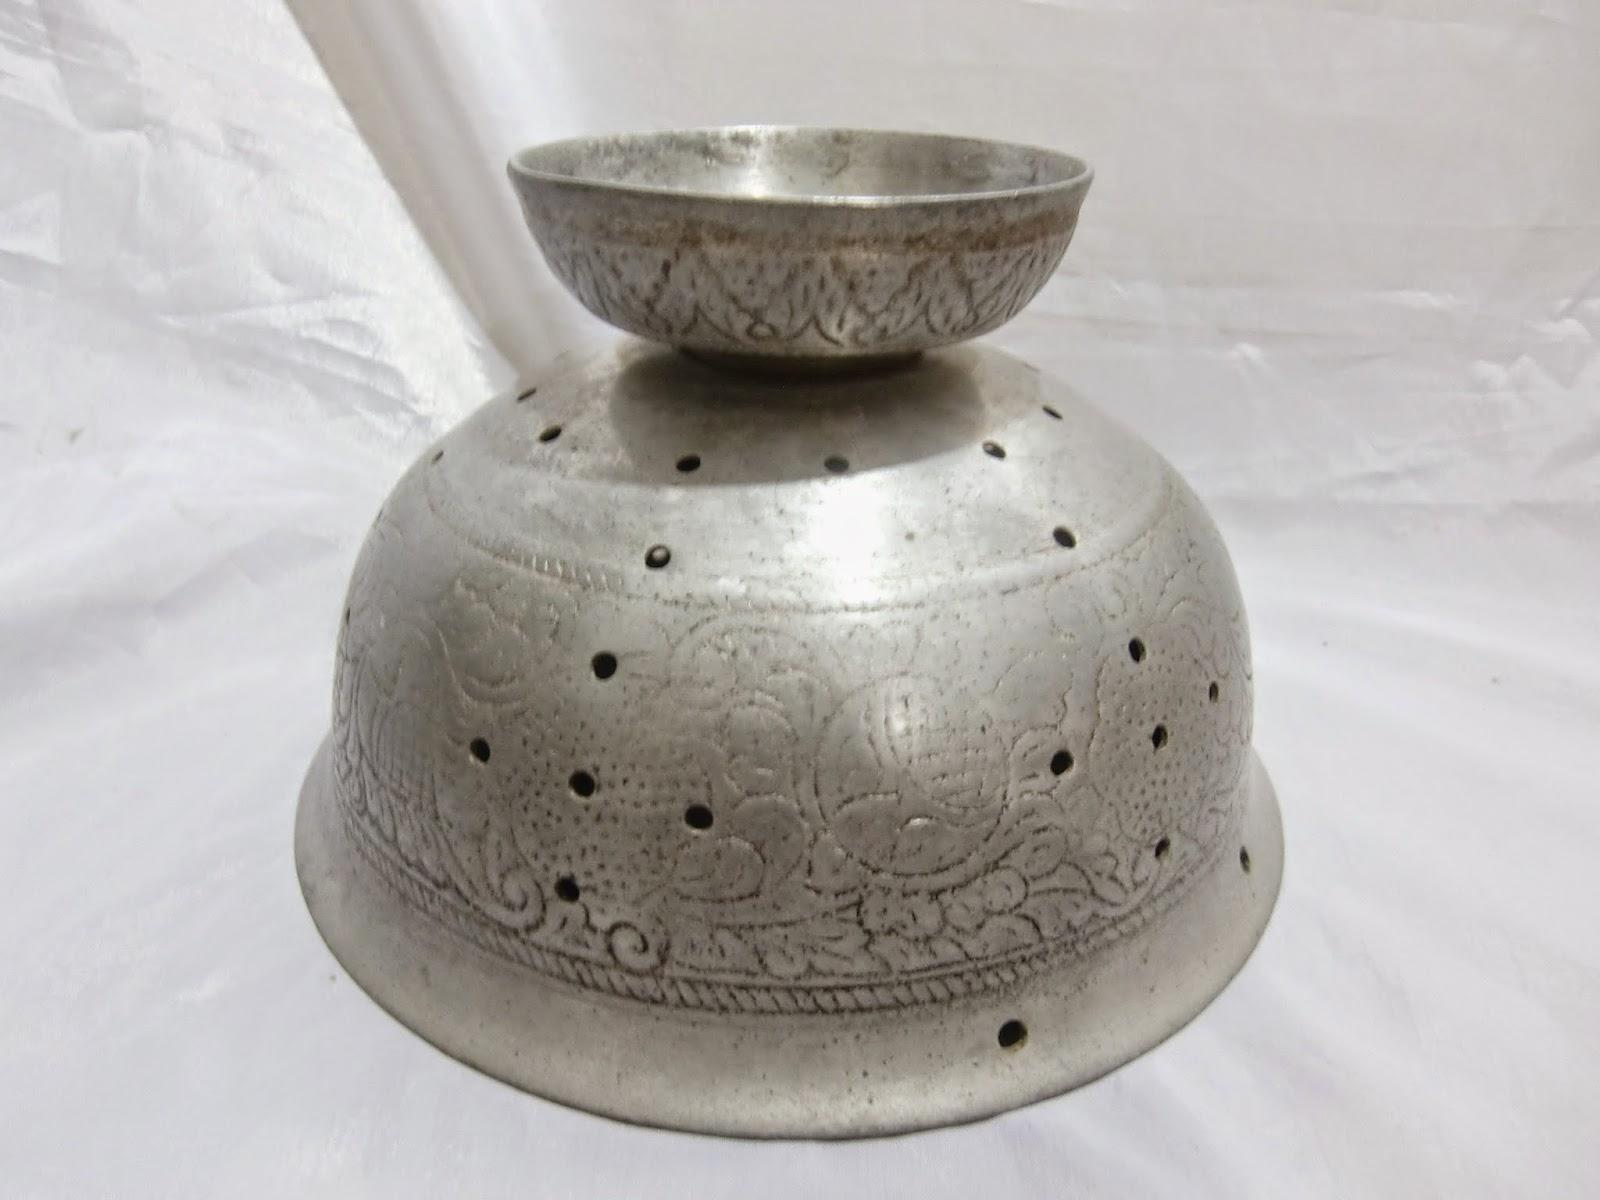 Sebuah Tempat Nasi Jadul yang tebal terbuat dari Bahan Aluminium Babed  dihiasi dengan motif Ukiran - ukiran Relief . Berdiameter 21 Cm dan Tinggi  13 5b2e5d428e